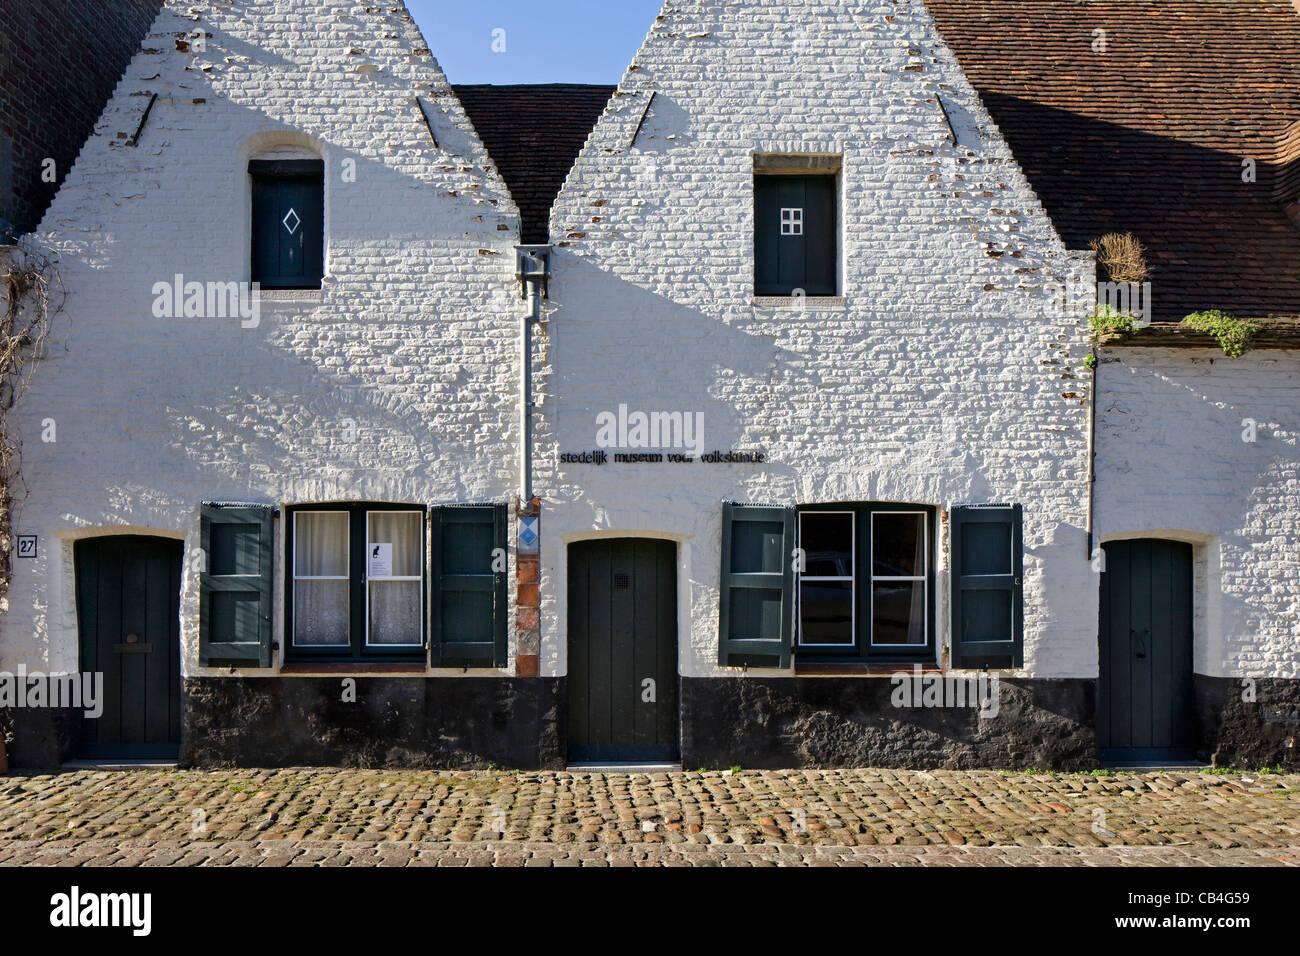 El museo de folclore y Gato Negro / Zwarte Kat en Brujas, Bélgica Imagen De Stock